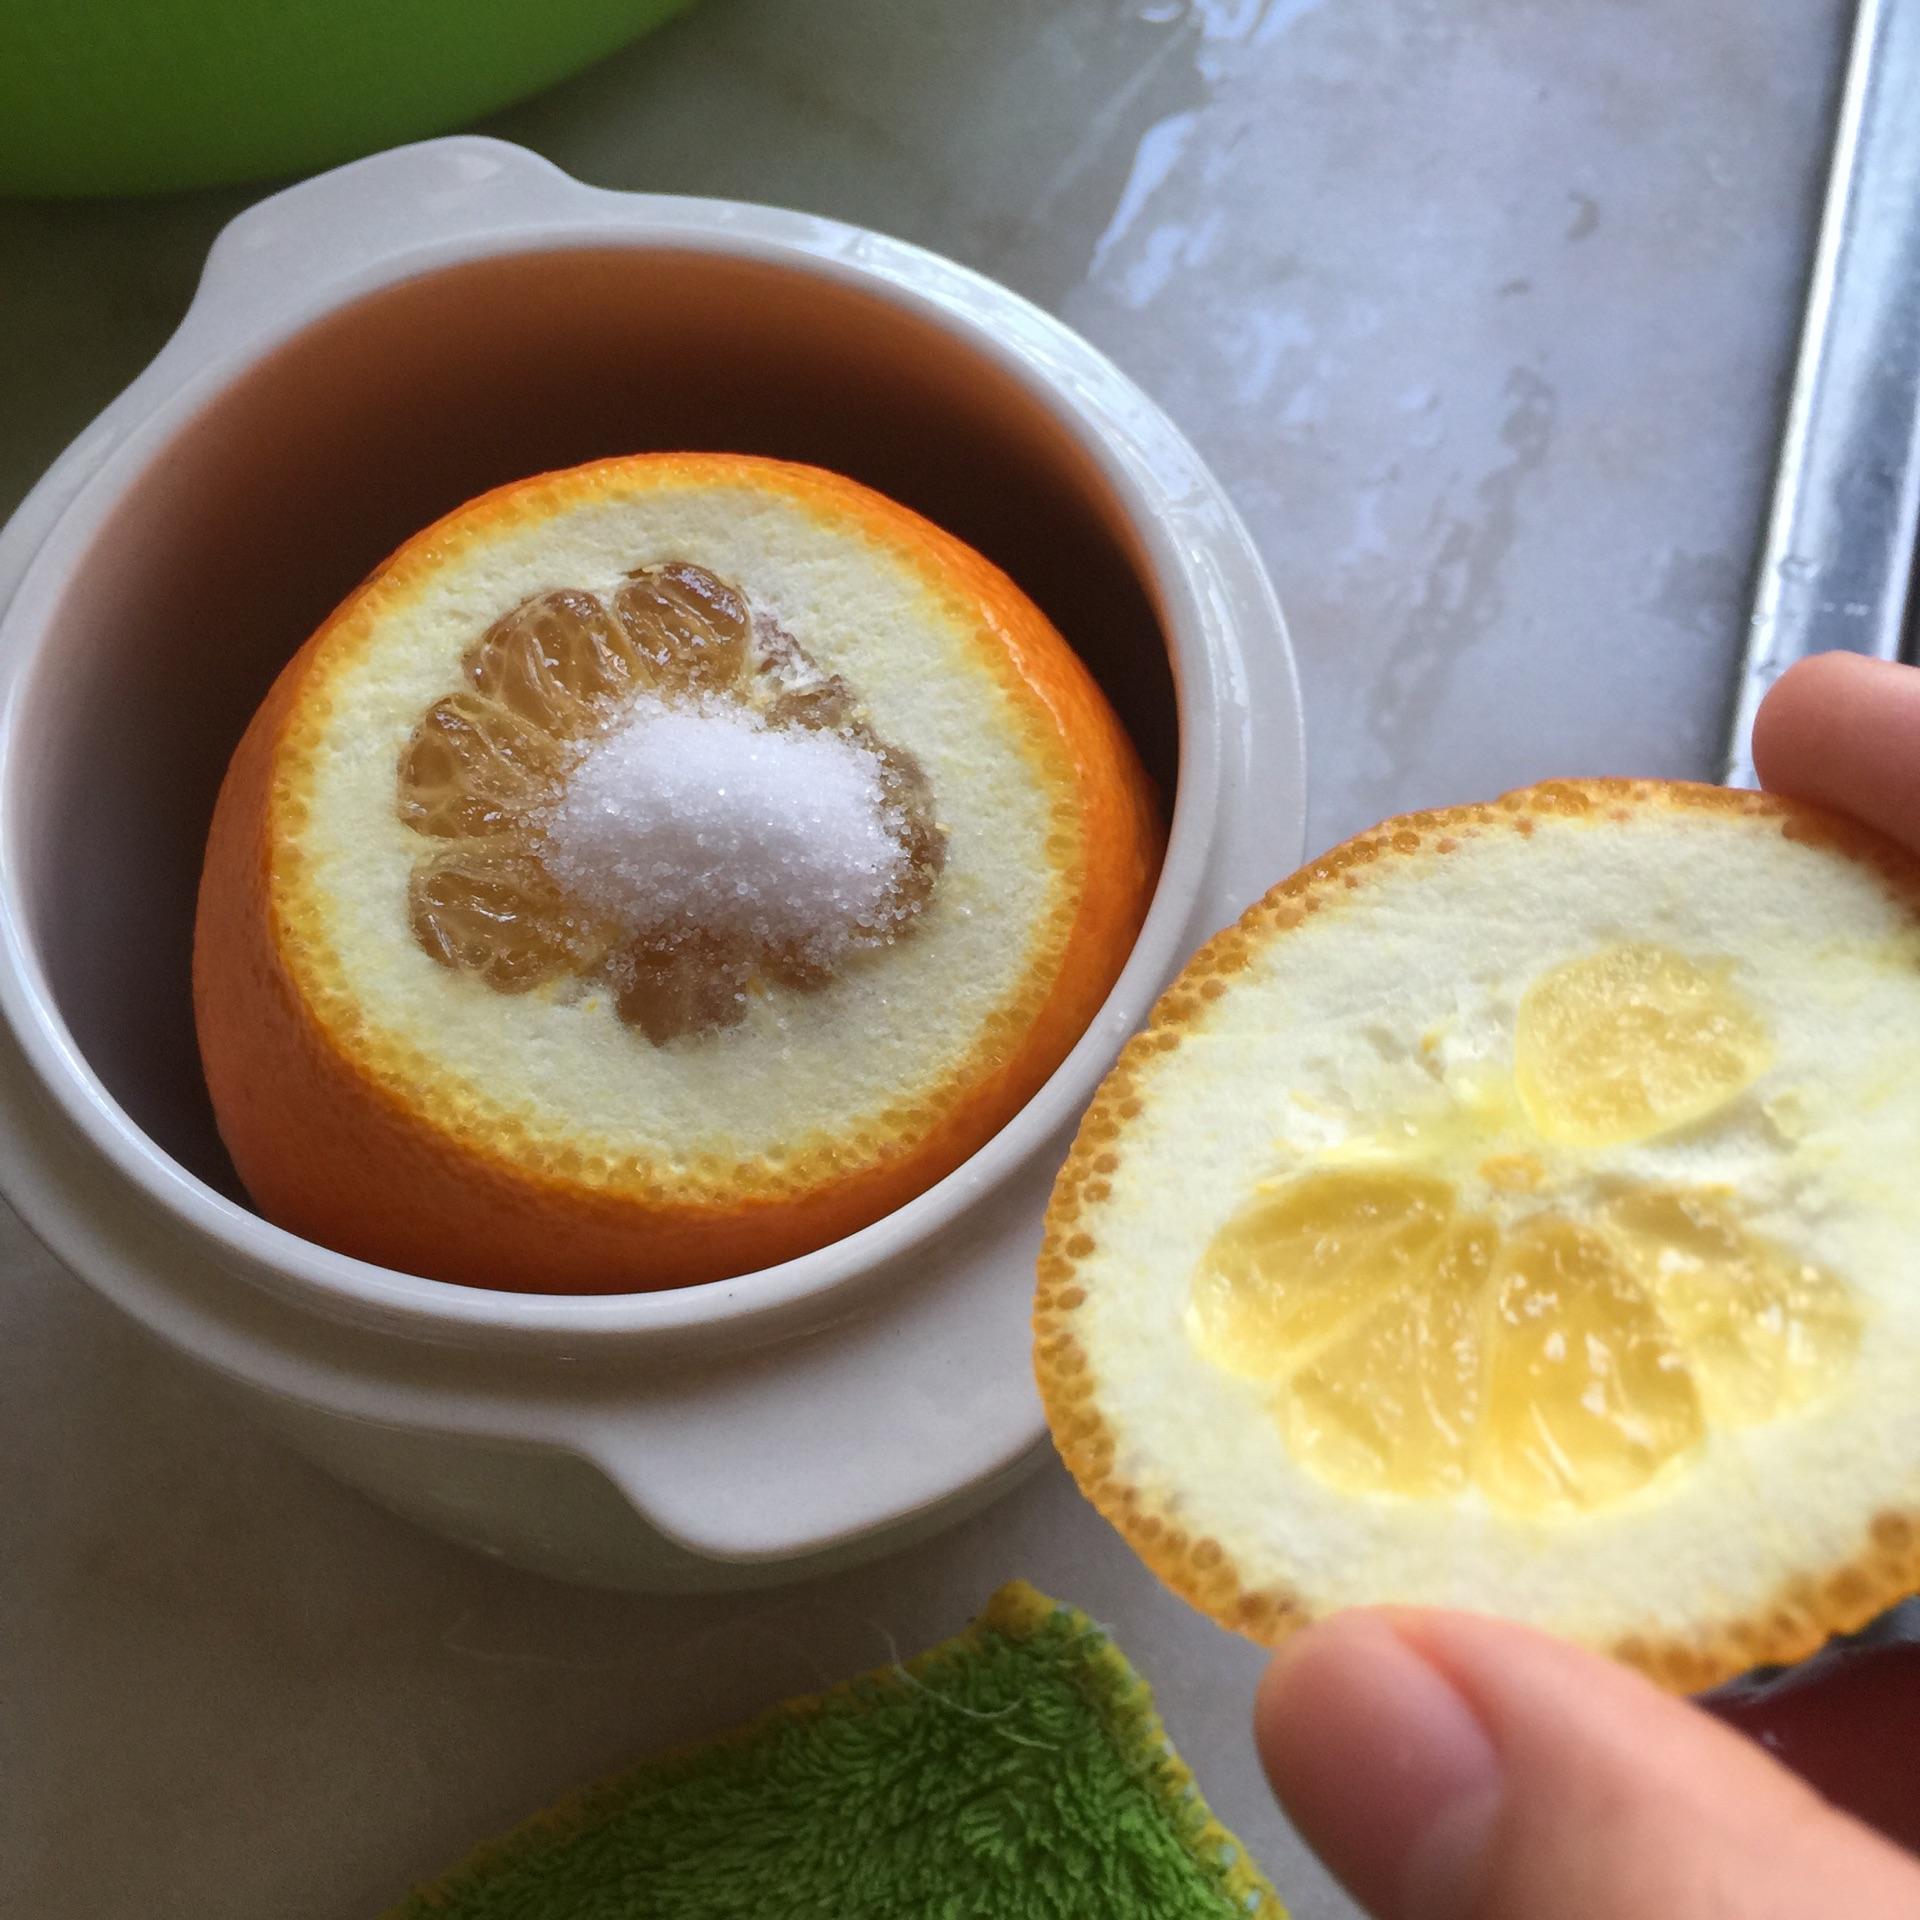 盐蒸橙子(咳嗽杀手)的做法步骤